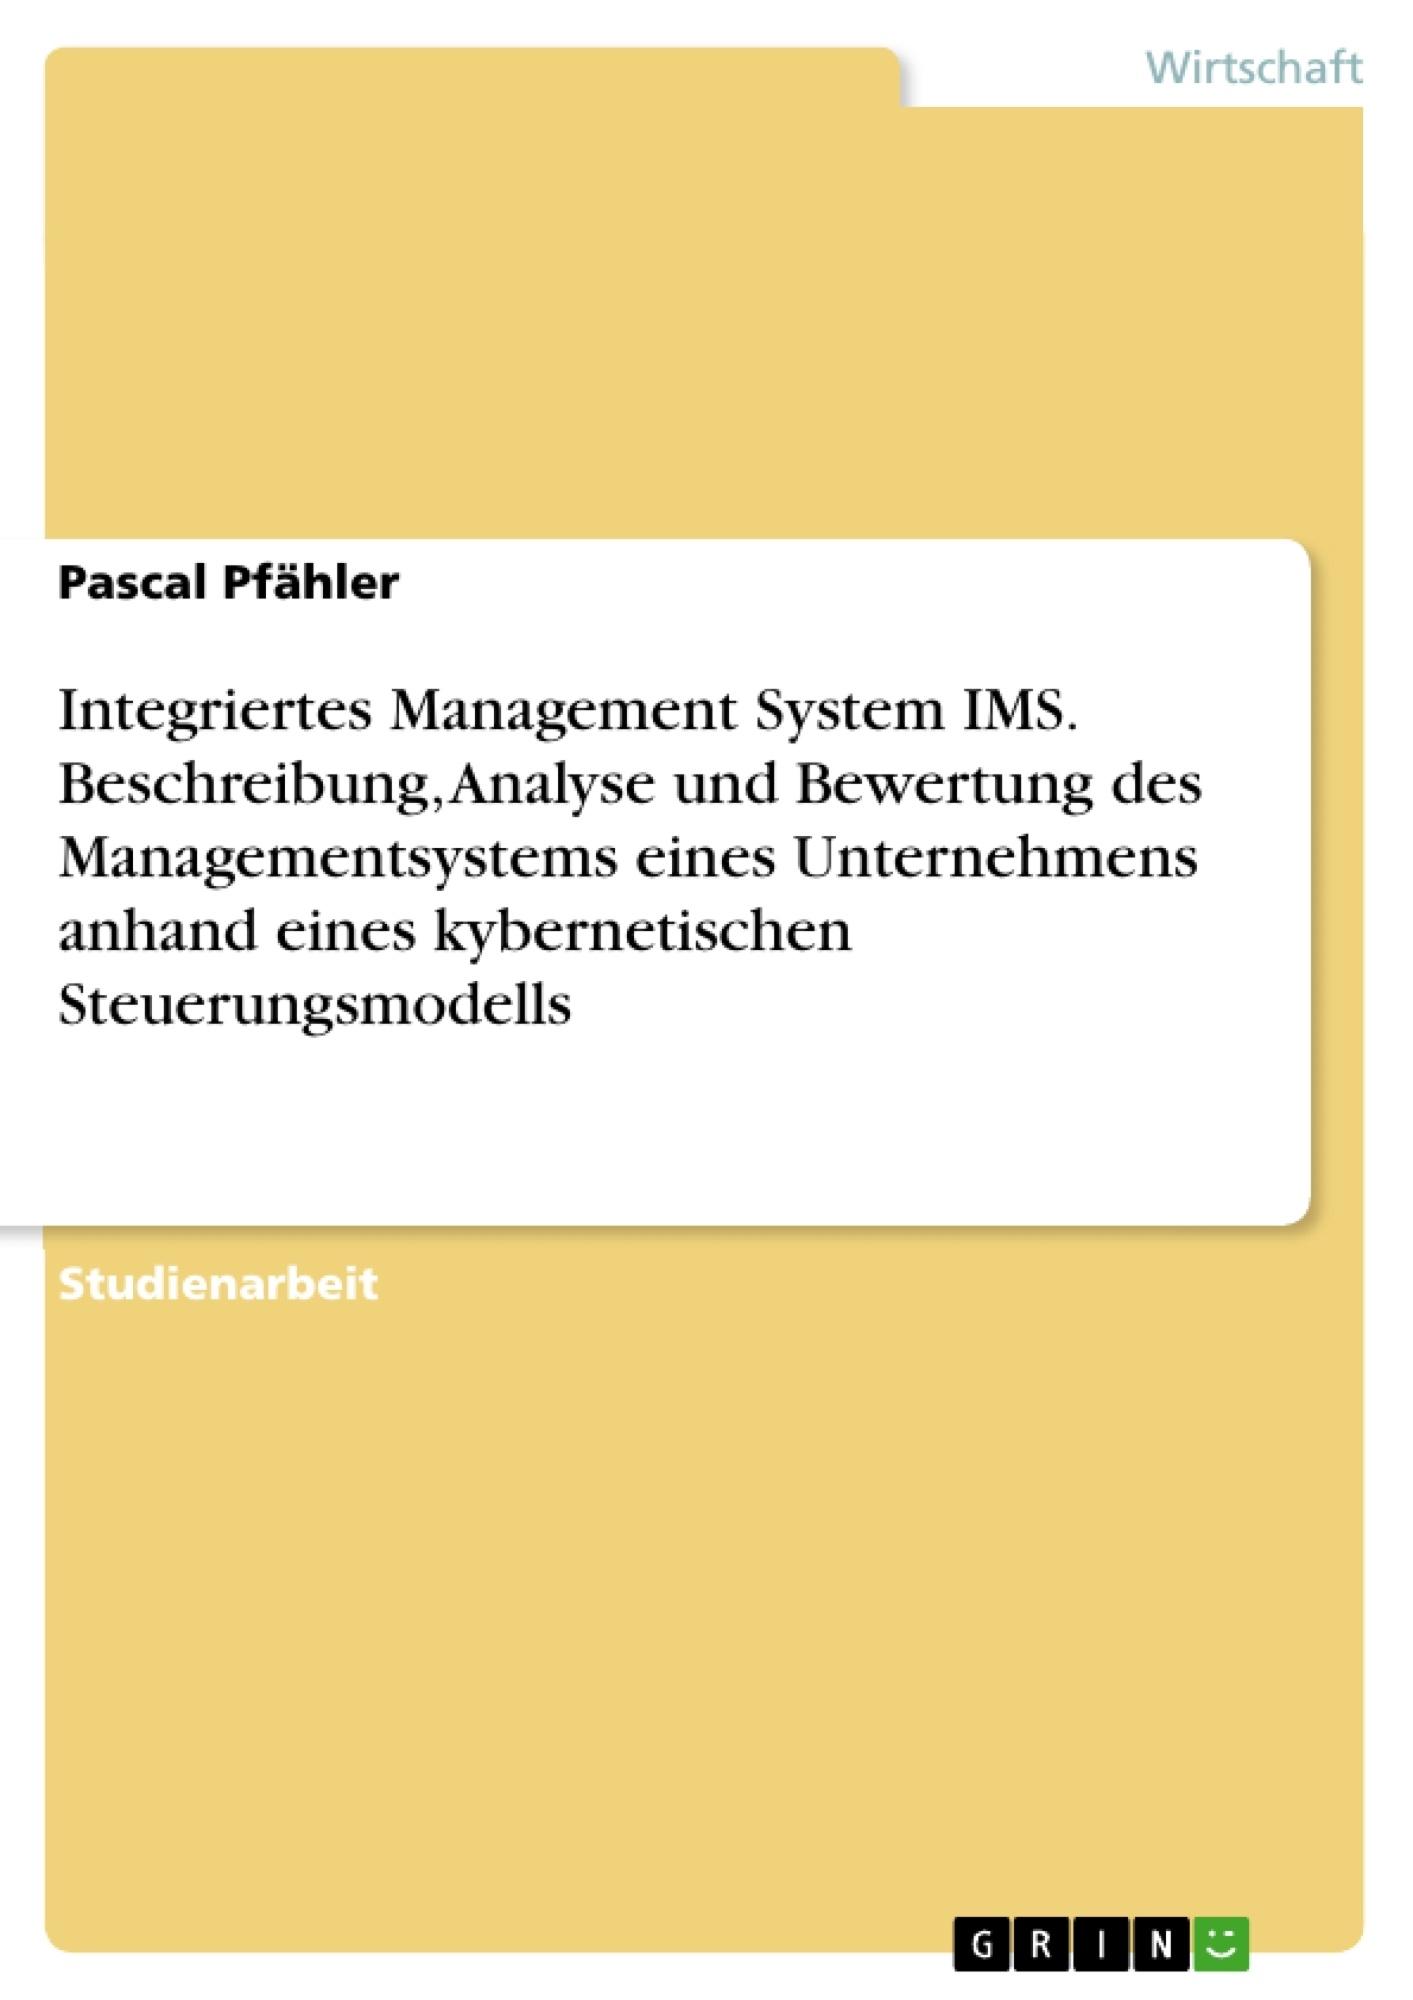 Titel: Integriertes Management System IMS. Beschreibung, Analyse und Bewertung des Managementsystems eines Unternehmens anhand eines kybernetischen Steuerungsmodells